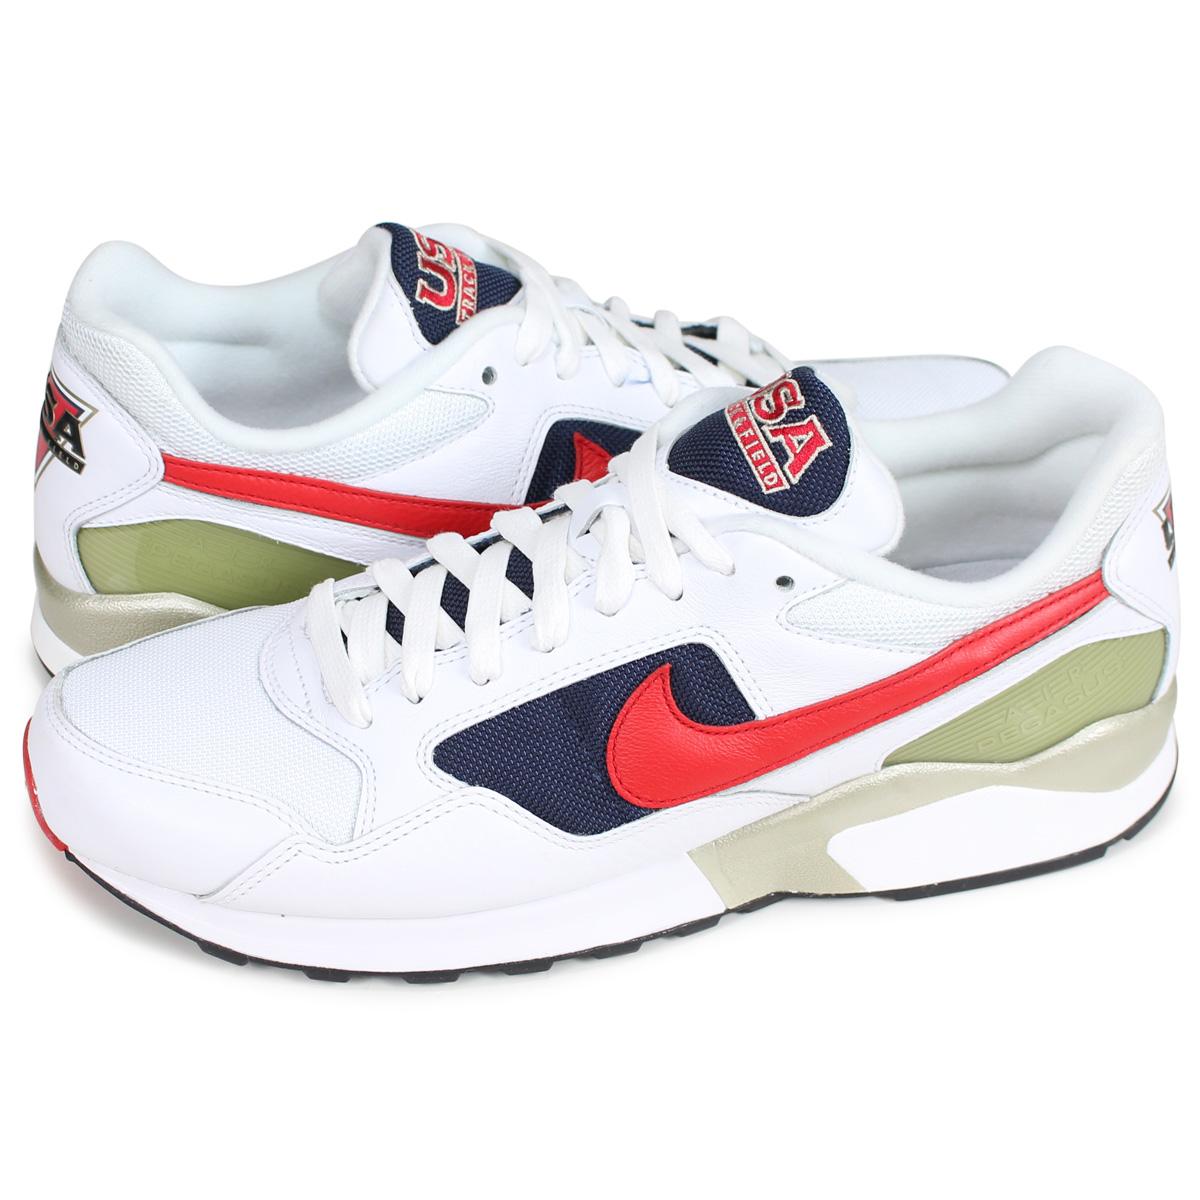 7b2380321c Nike NIKE air Pegasus 92 sneakers men AIR PEGASUS 92 PREMIUM OLYMPIC white  844,964-100 ...